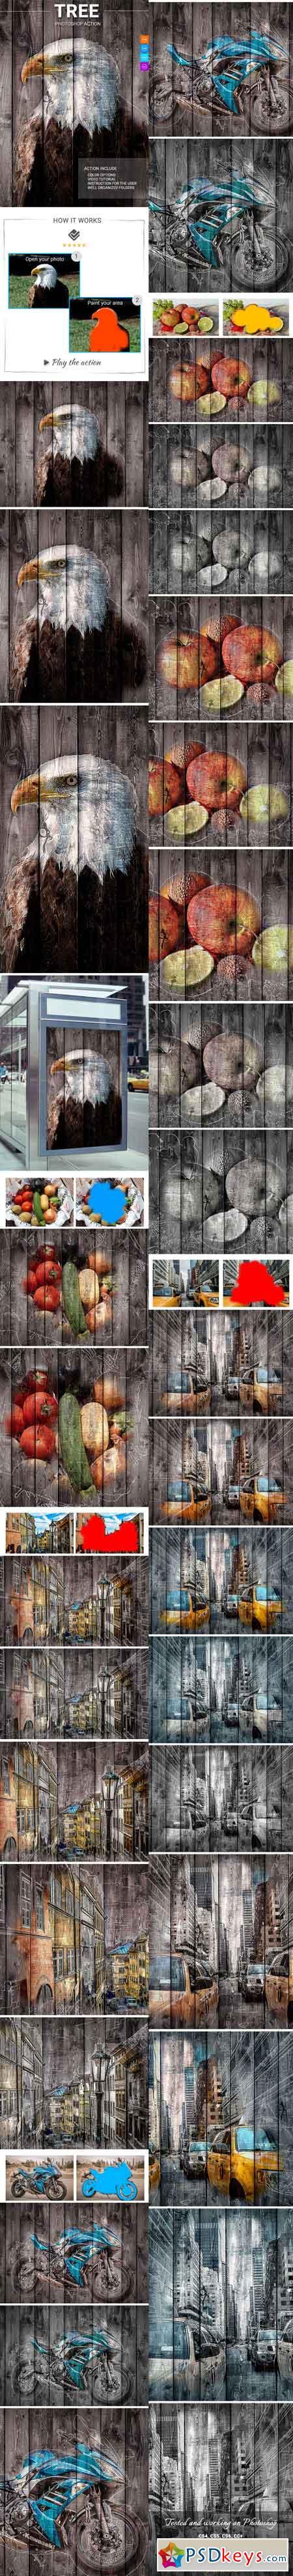 Tree Photoshop Action 21358588